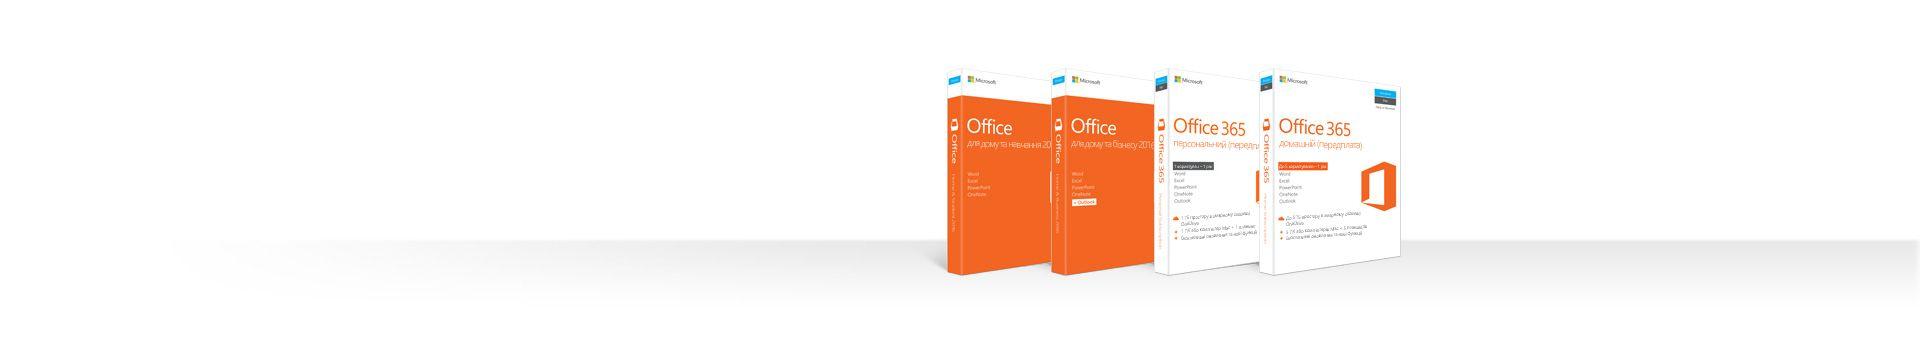 Низка коробок із продуктами Office 2016 і Office 365 для комп'ютерів Mac